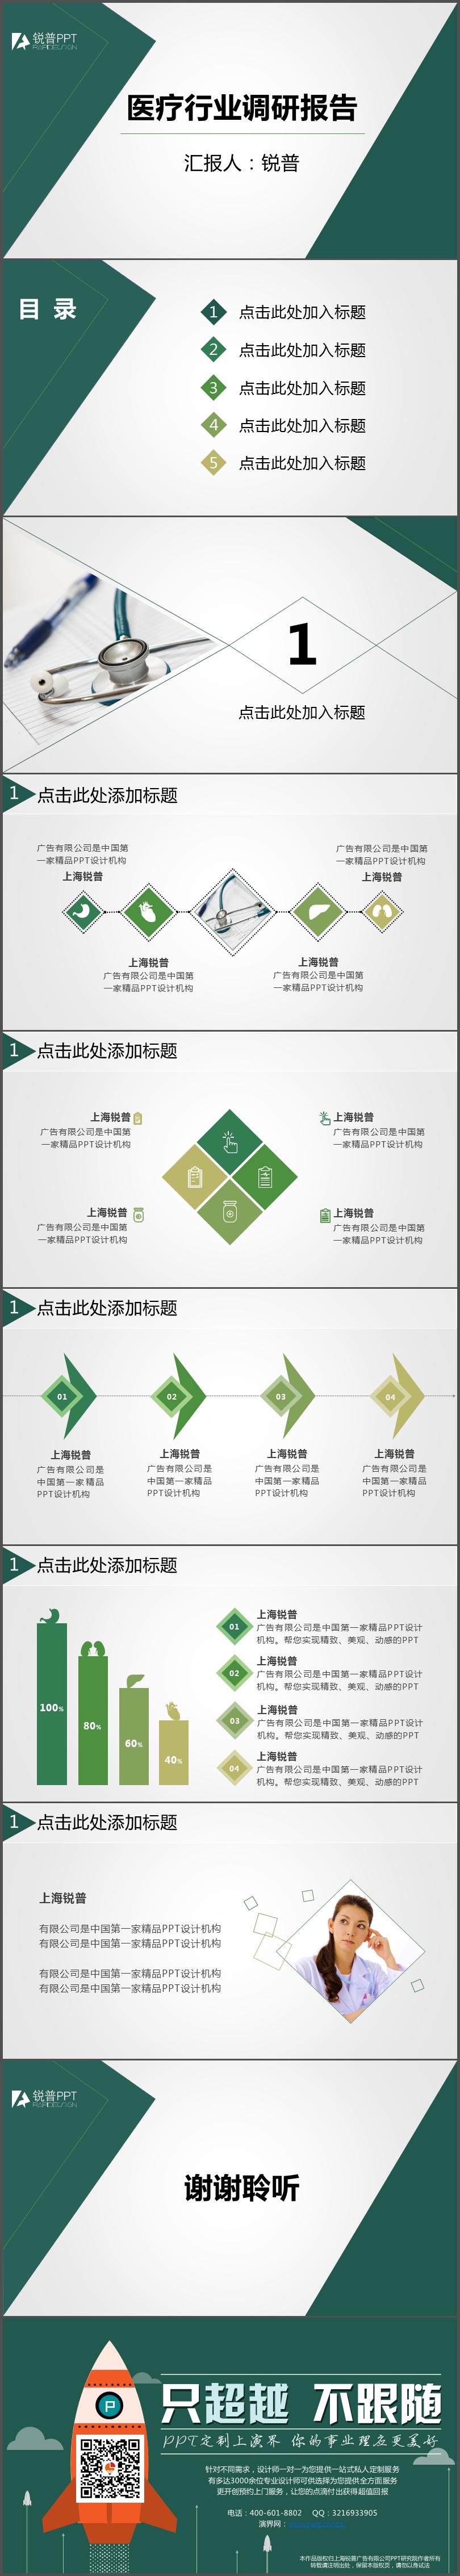 绿色医疗行业调研报告ppt模板|ppt/演示|平面|三月